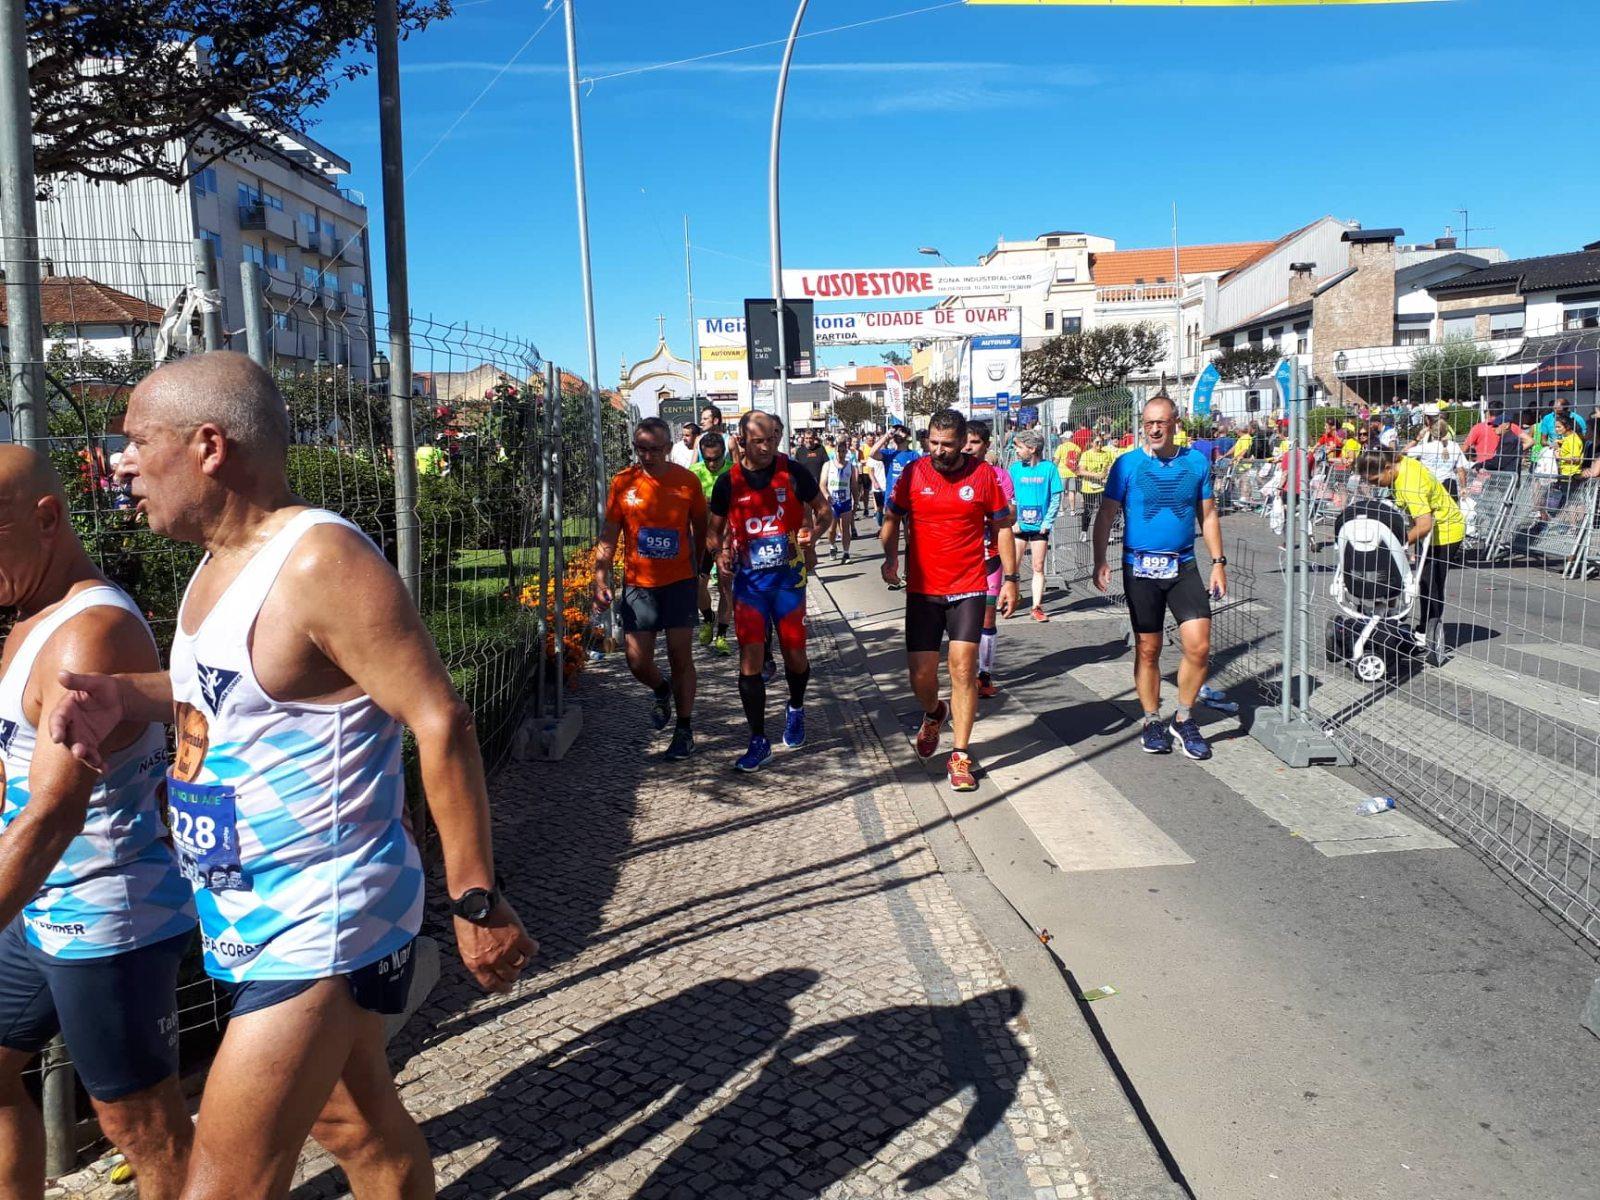 Meia-Maratona-Ovar-2018-22